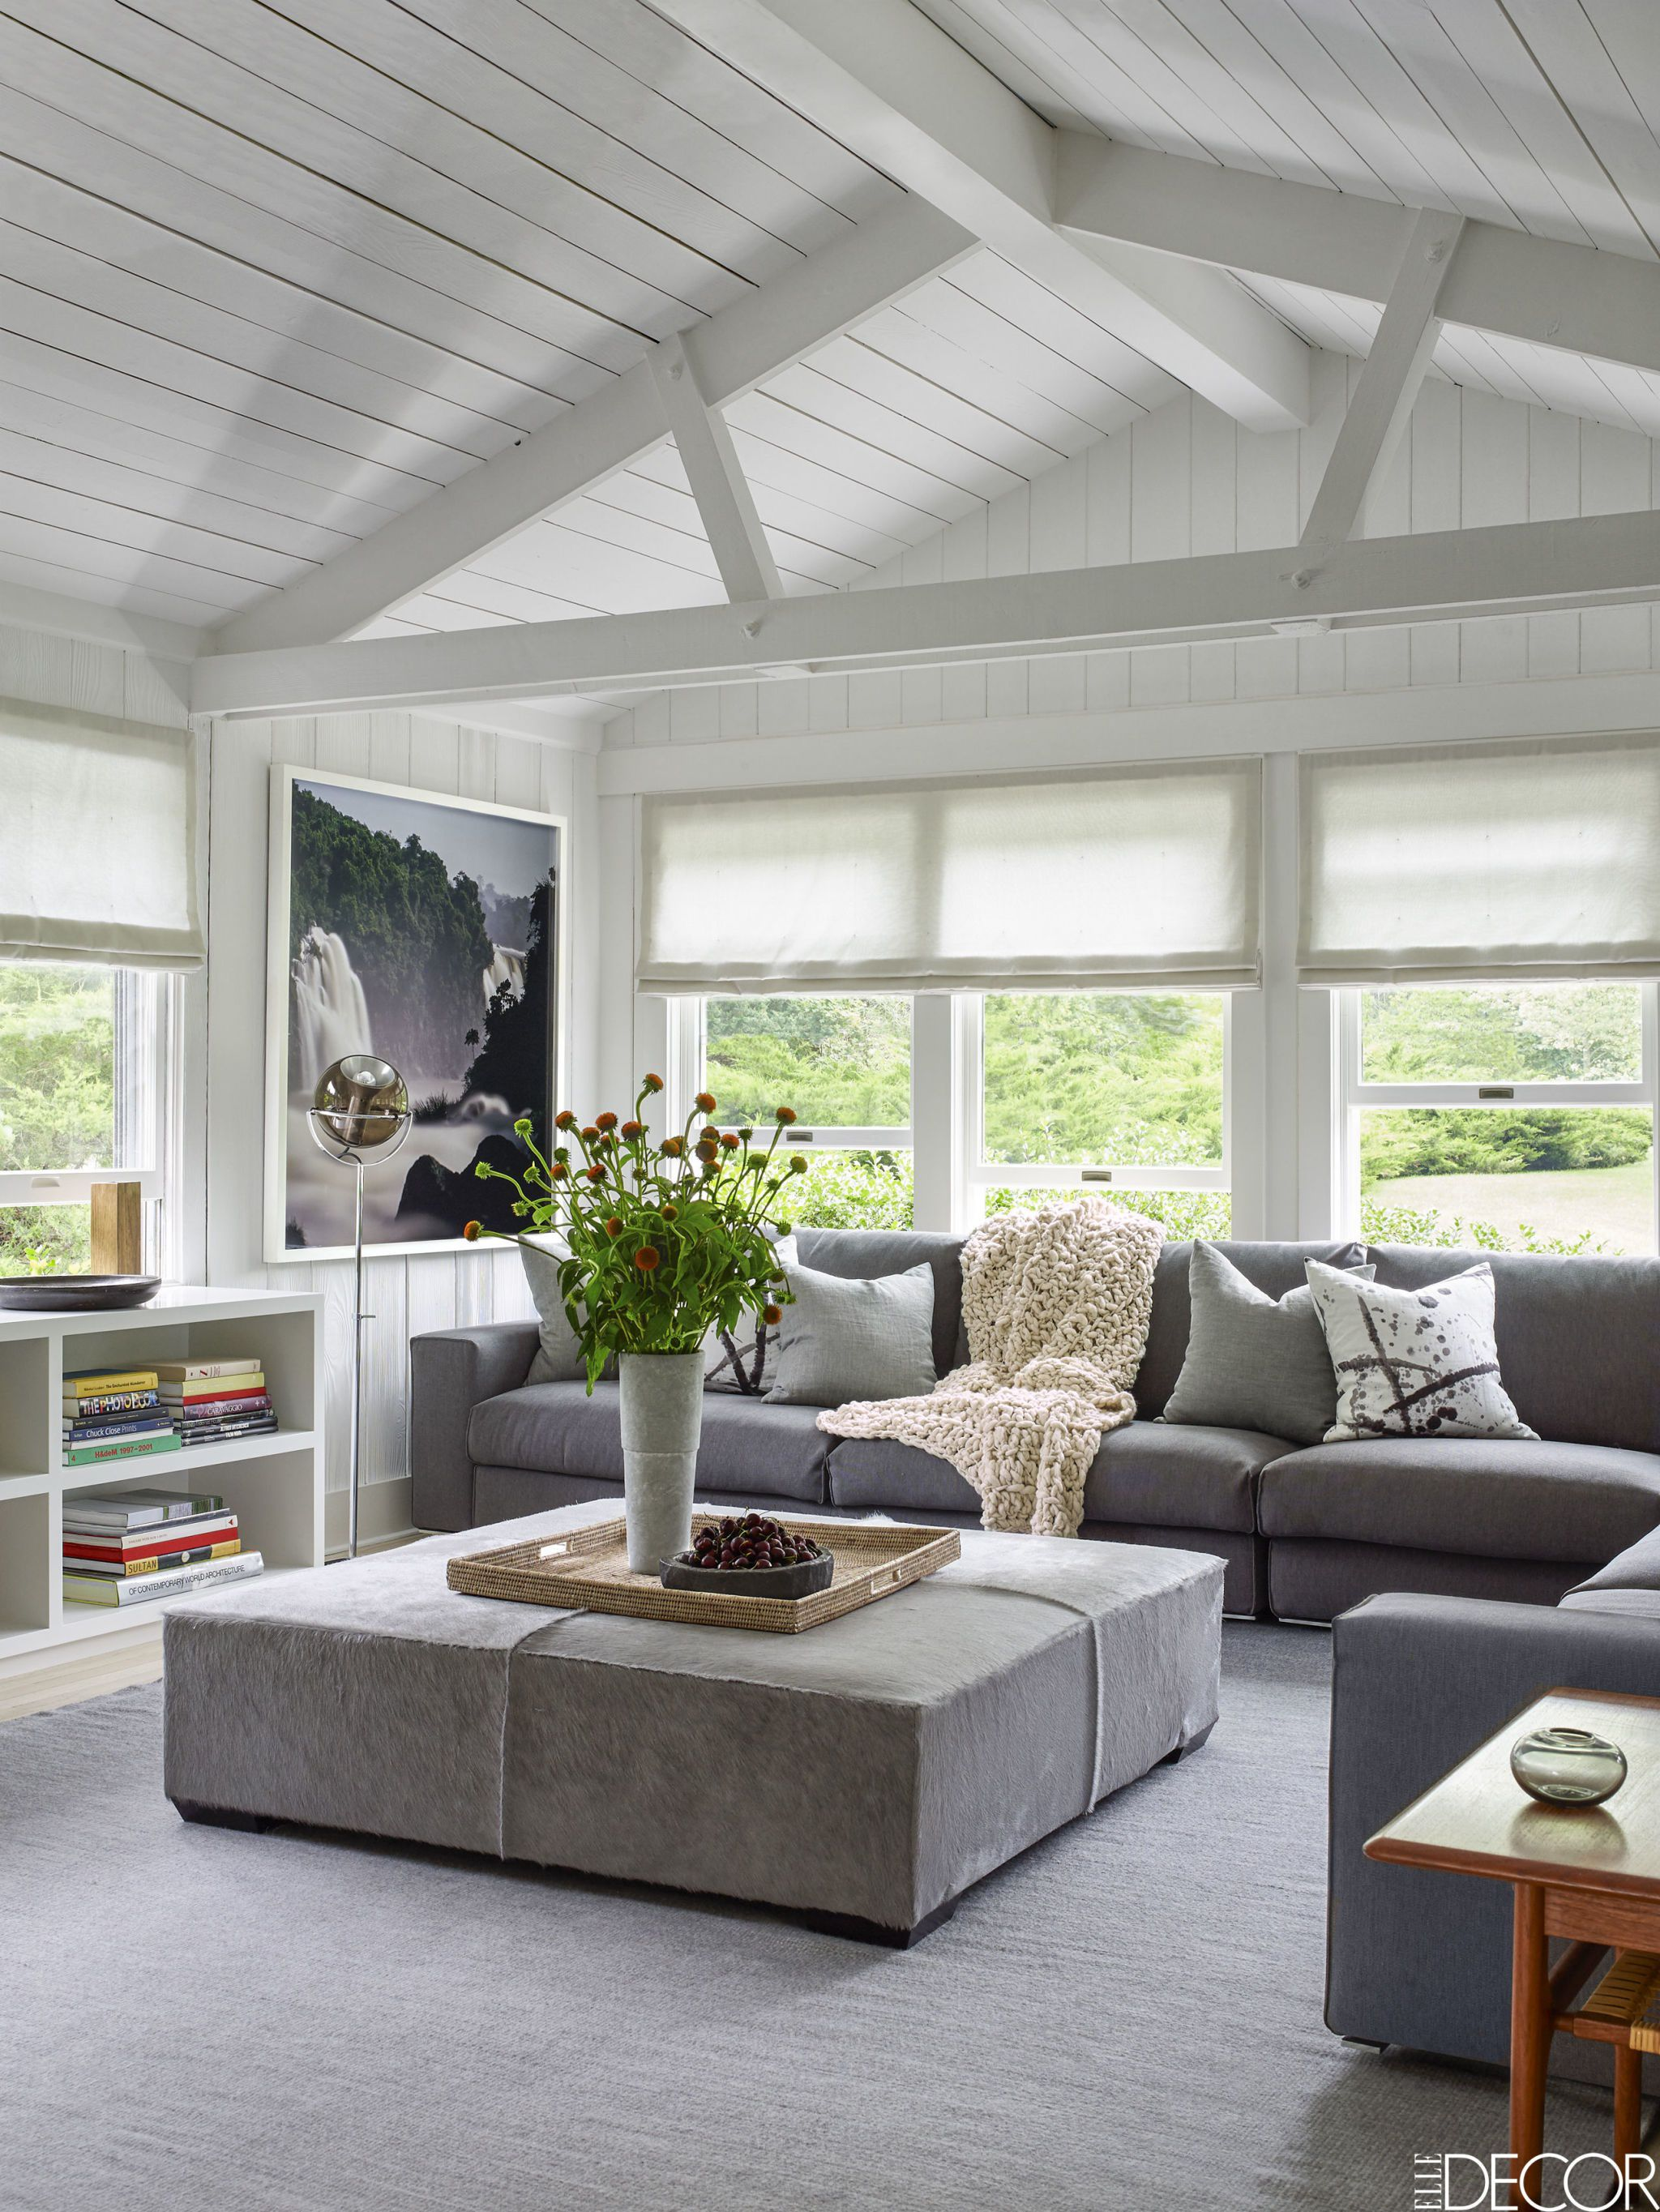 Astounding Gray Living Room - ACNN DECOR